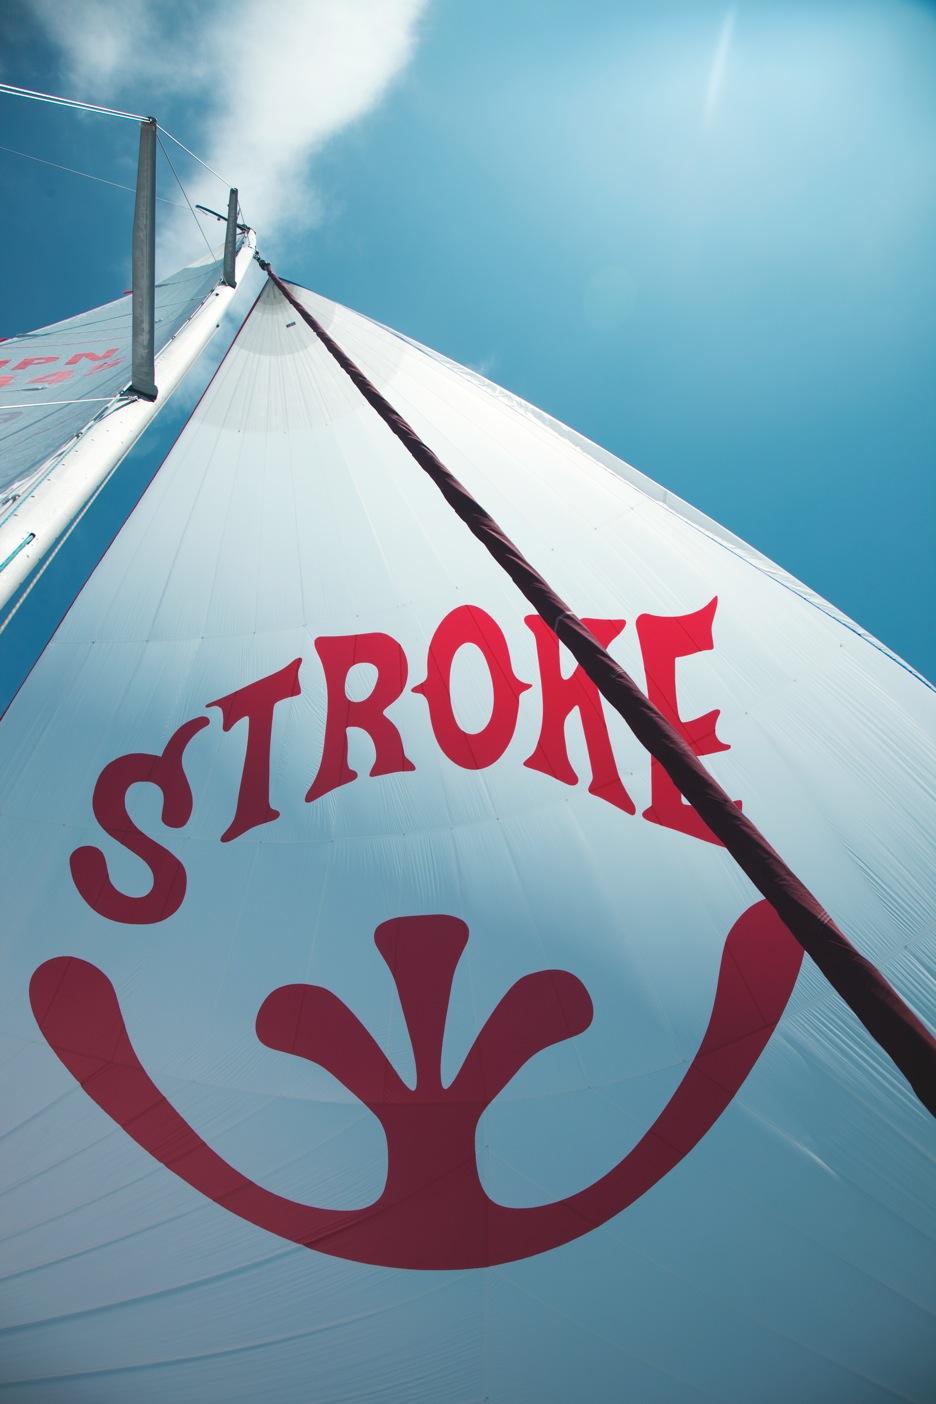 STROKE. x WATER LADY NEW ITEMS!!!!_d0101000_18512699.jpg